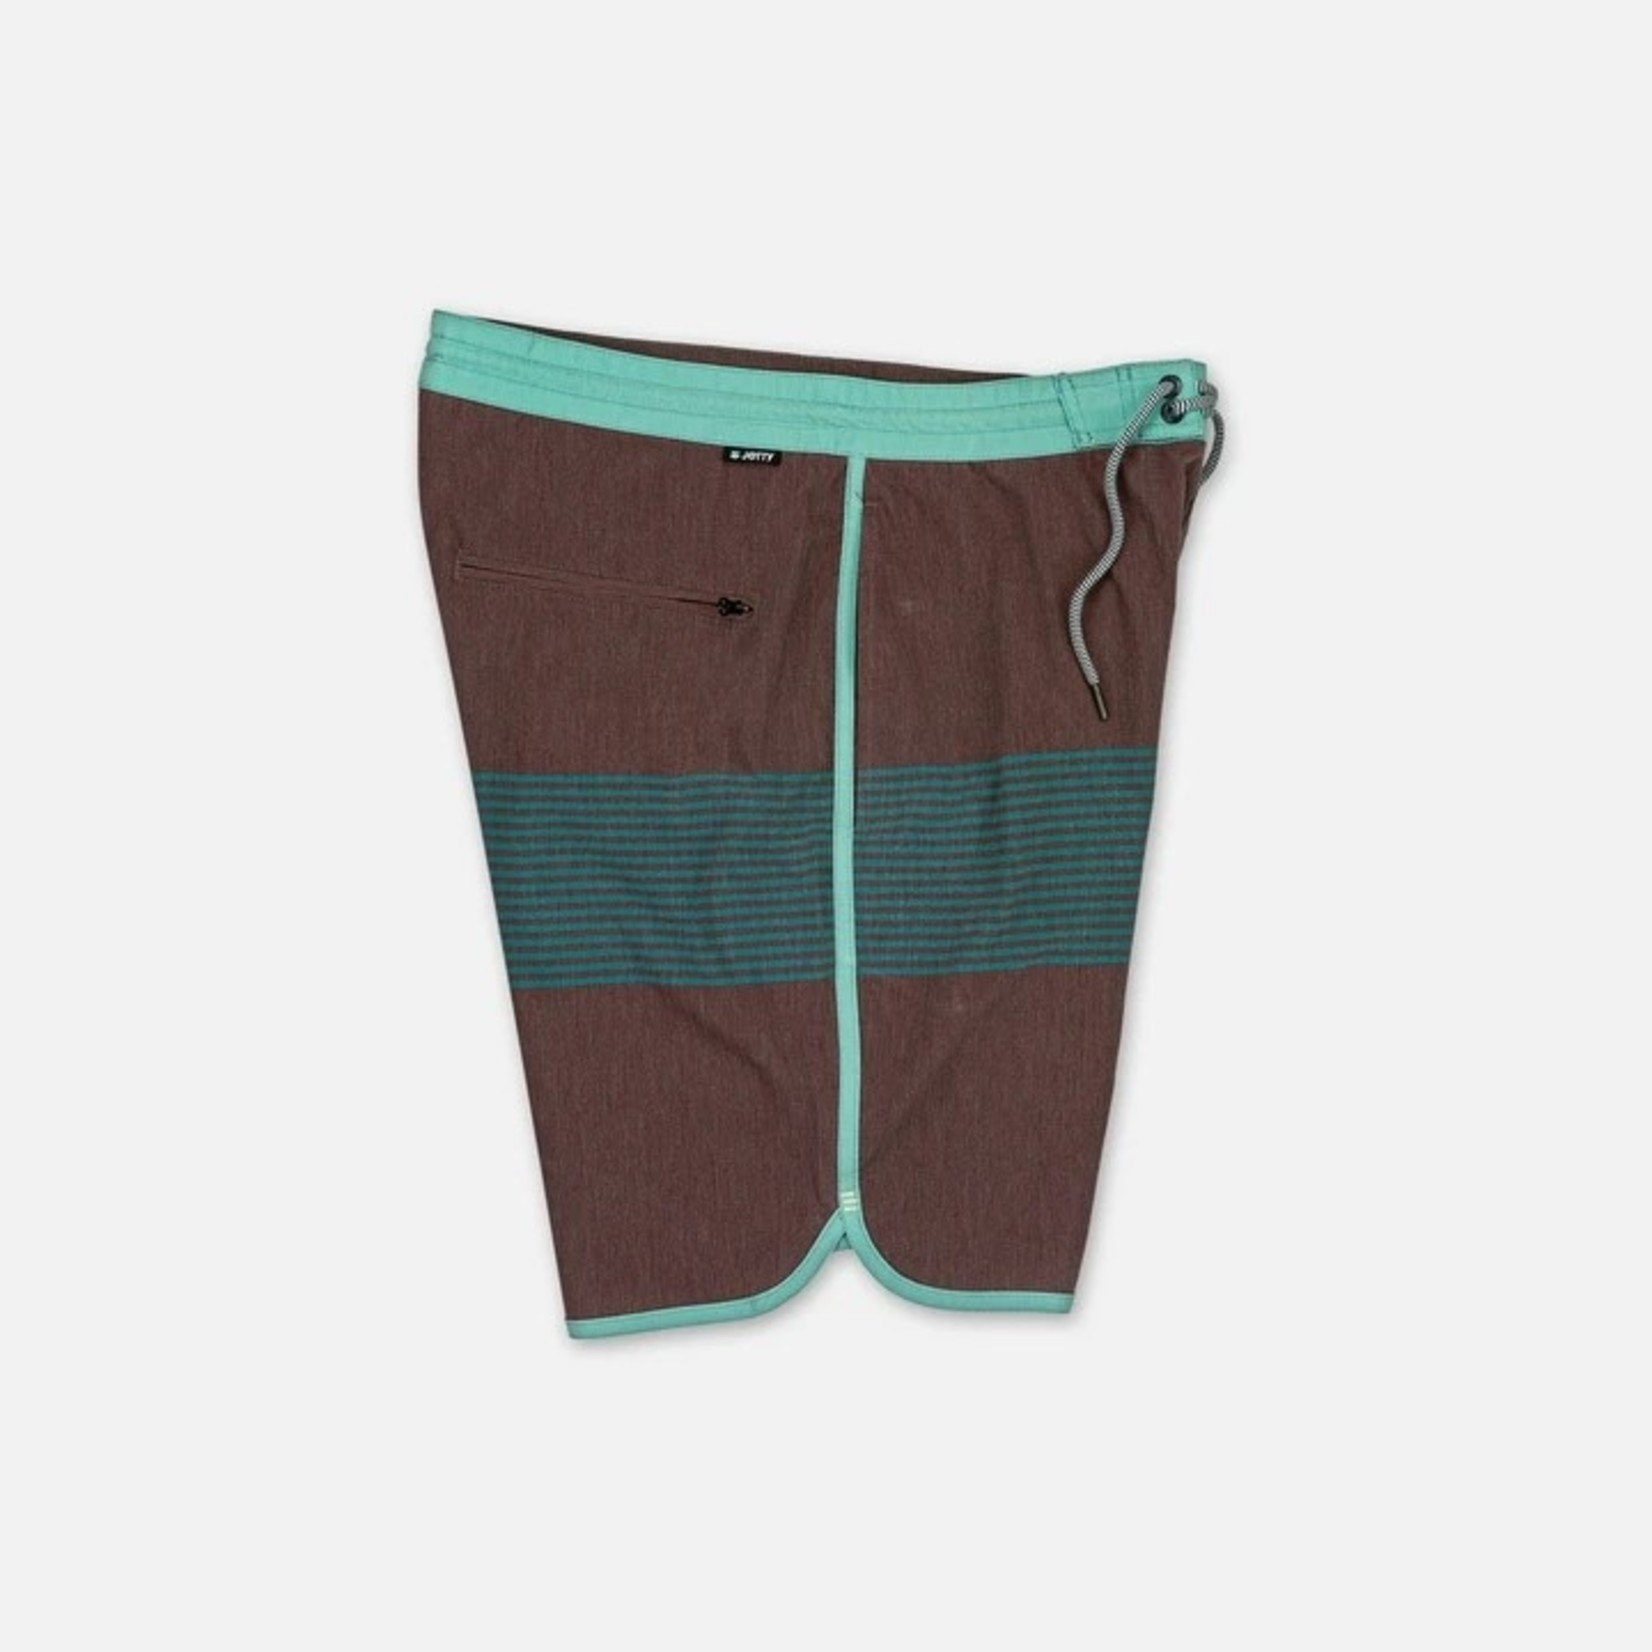 Jetty Life Jetty Life Sandbar Shorts